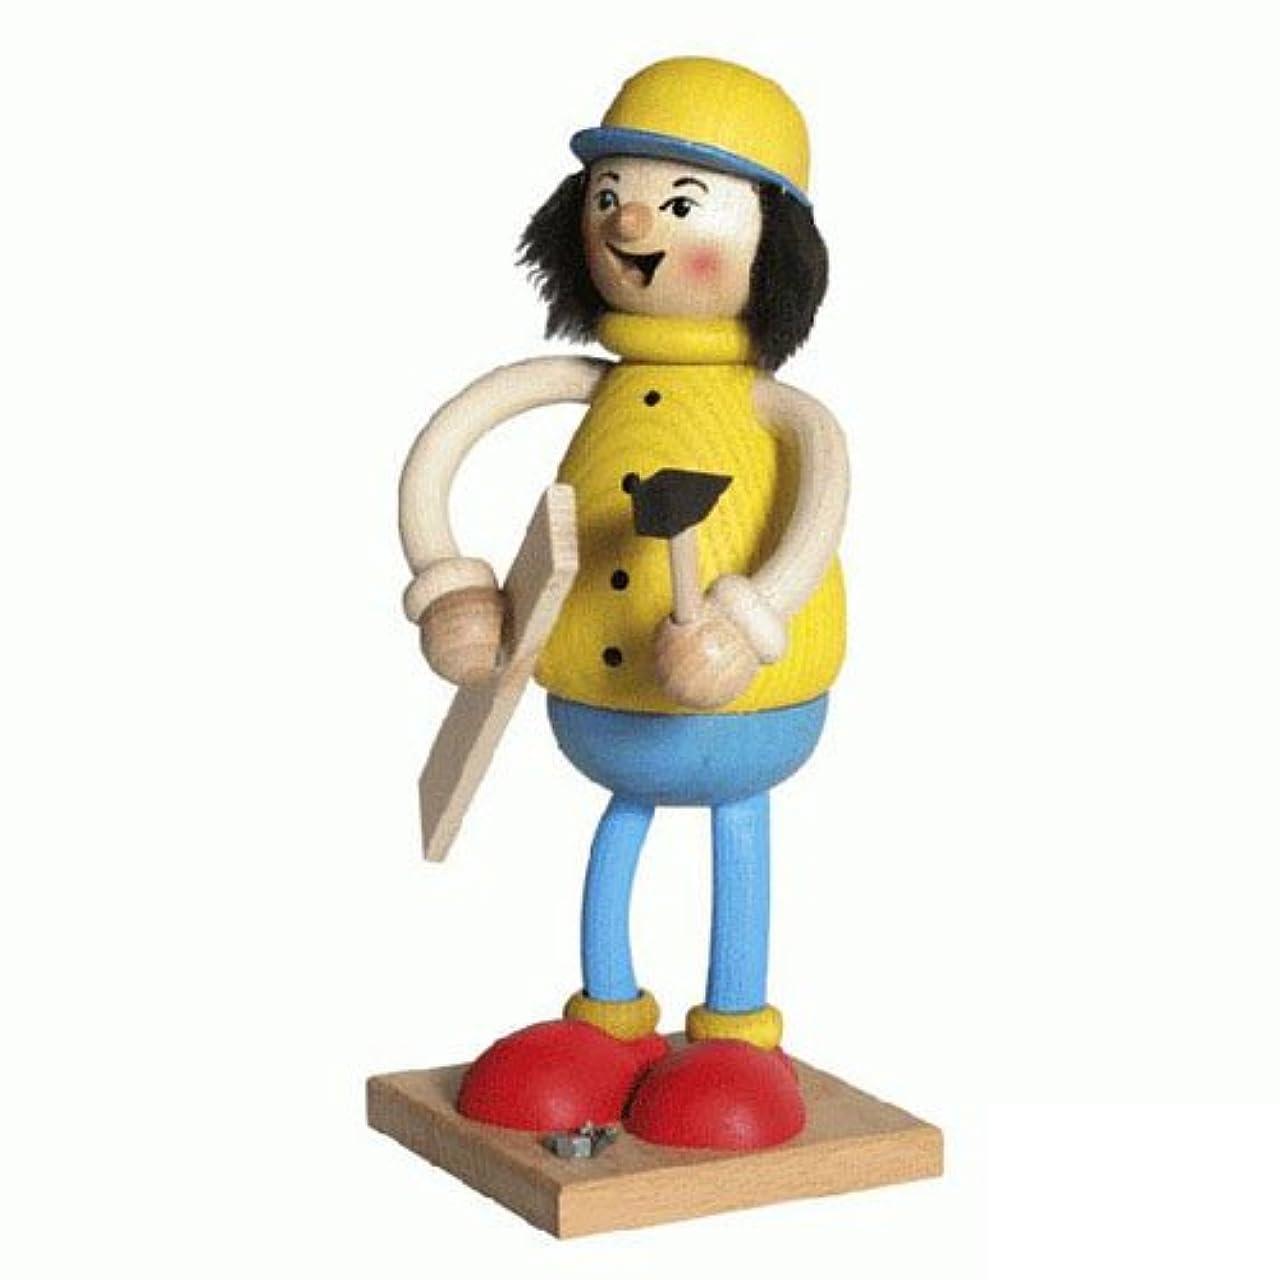 スチュアート島繰り返した飛行場39096 Kuhnert(クーネルト) ミニパイプ人形香炉 DIY